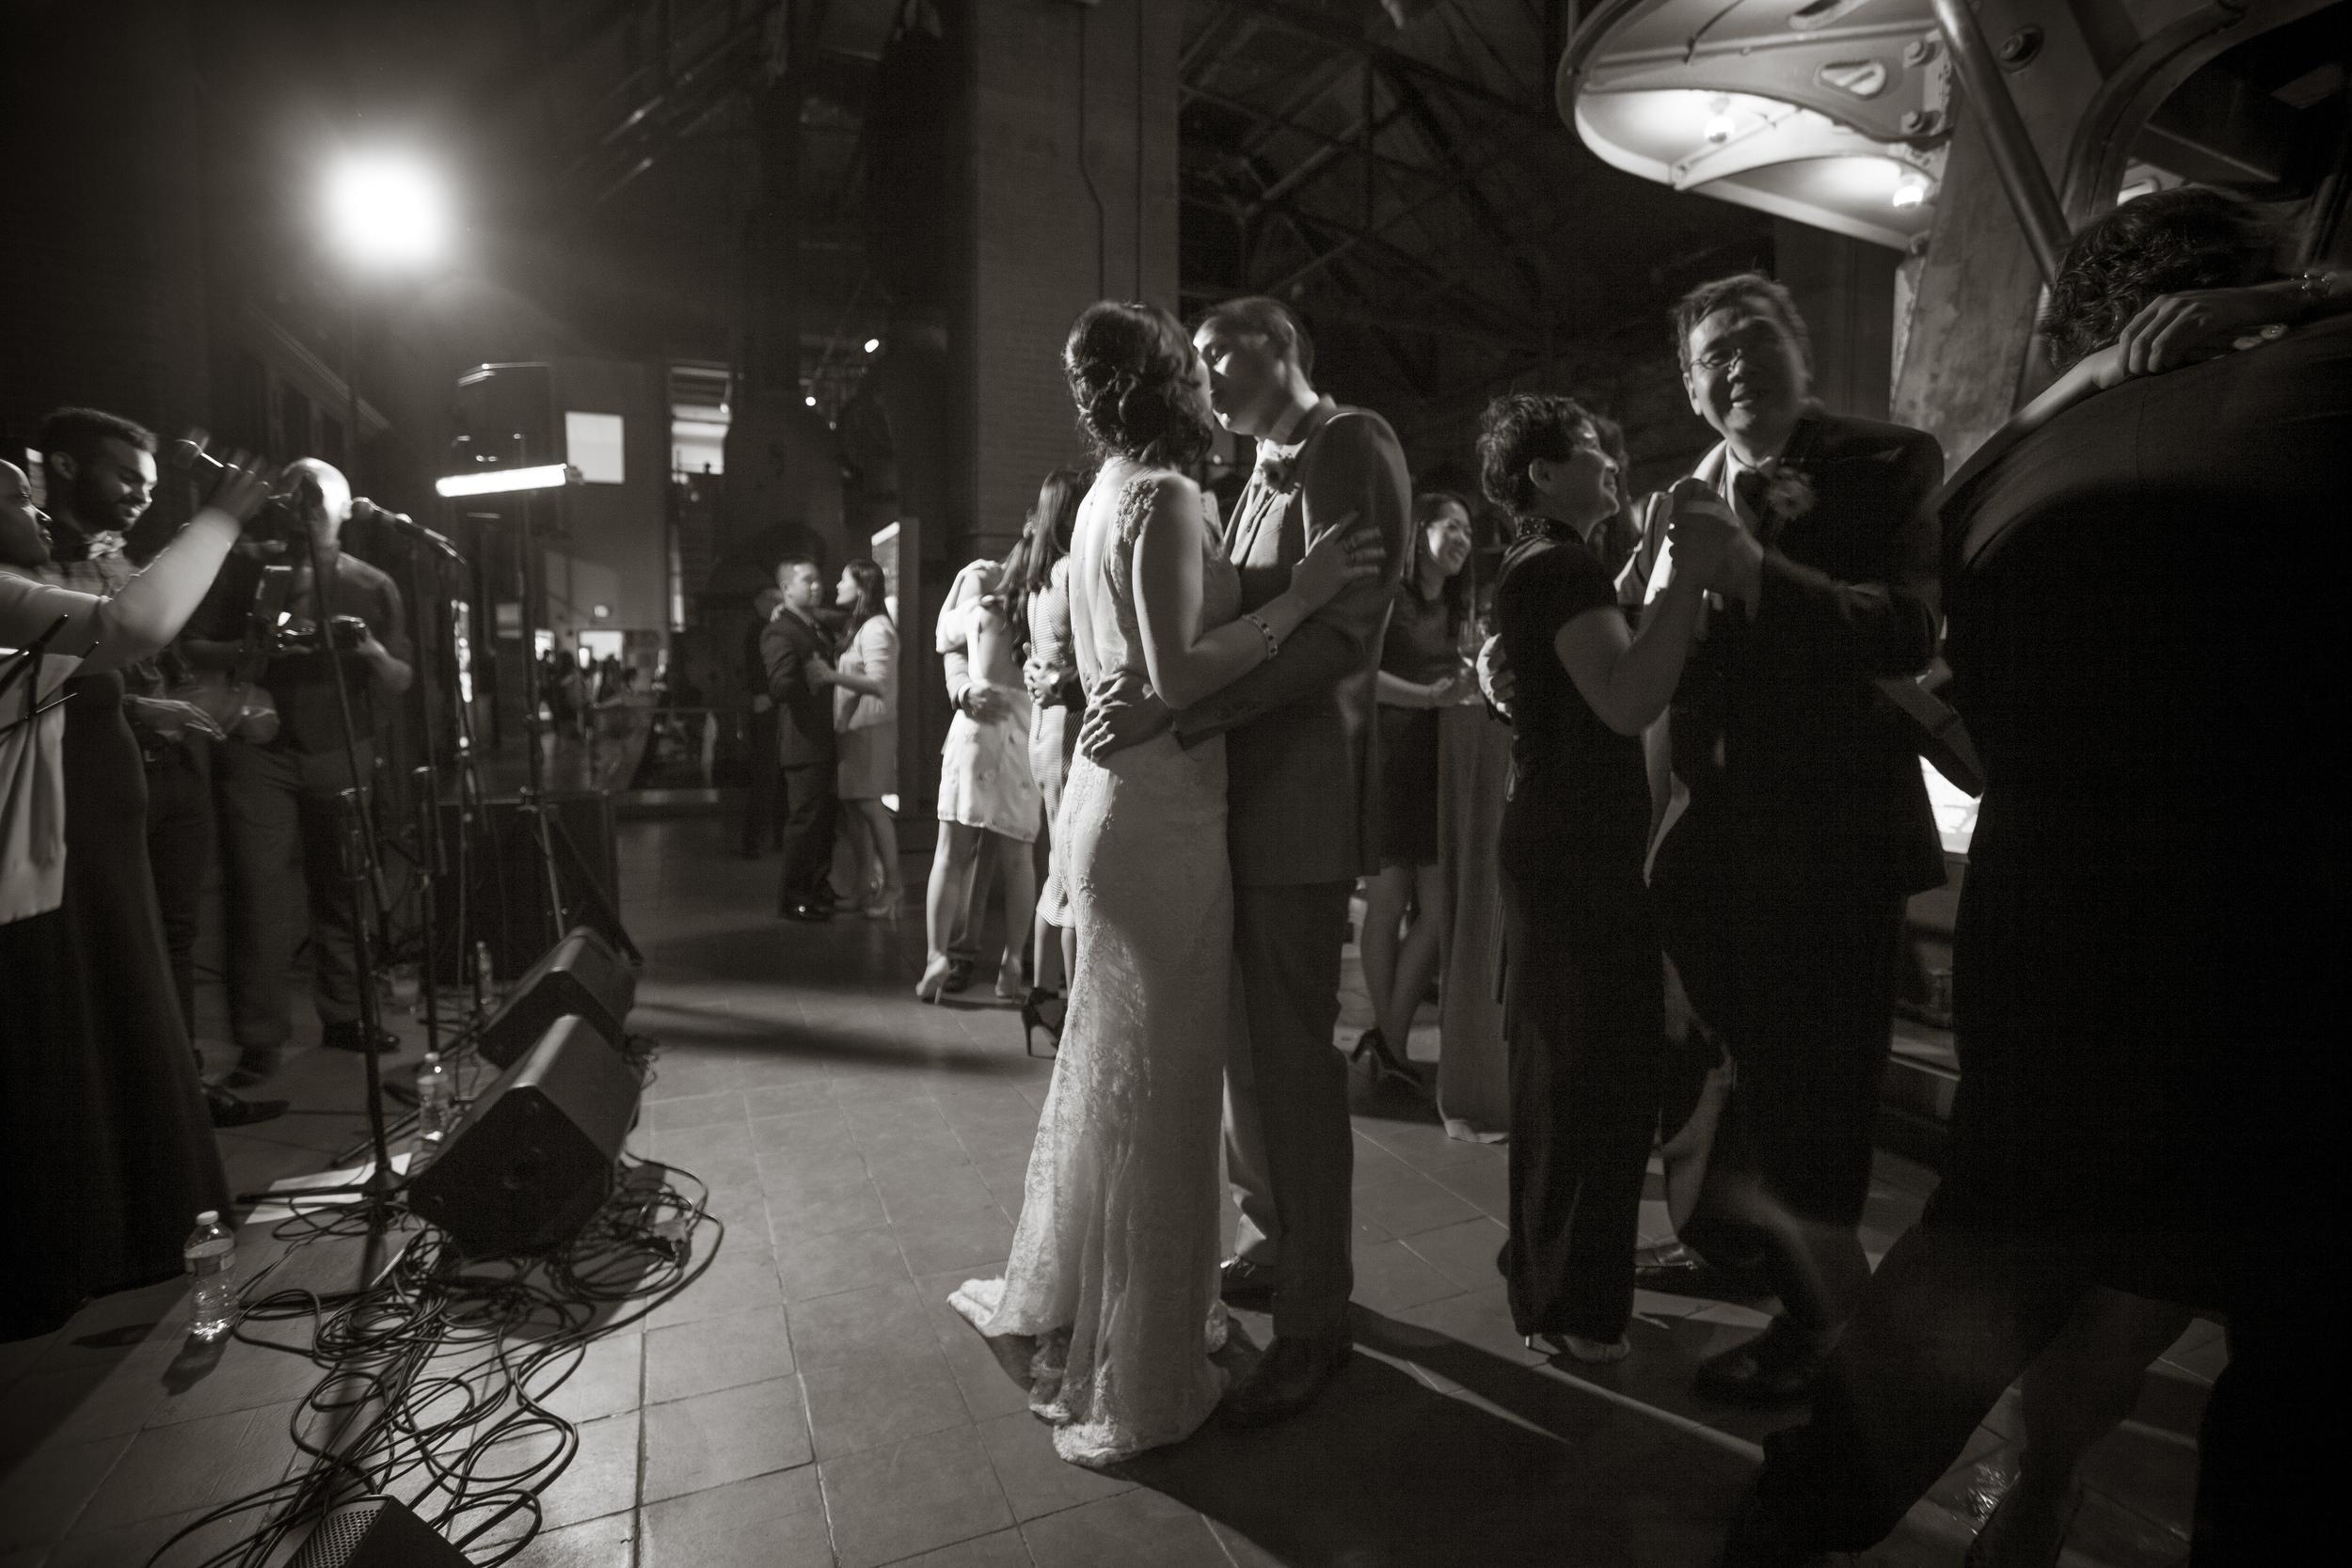 waterworks museum wedding|jp langlands photography